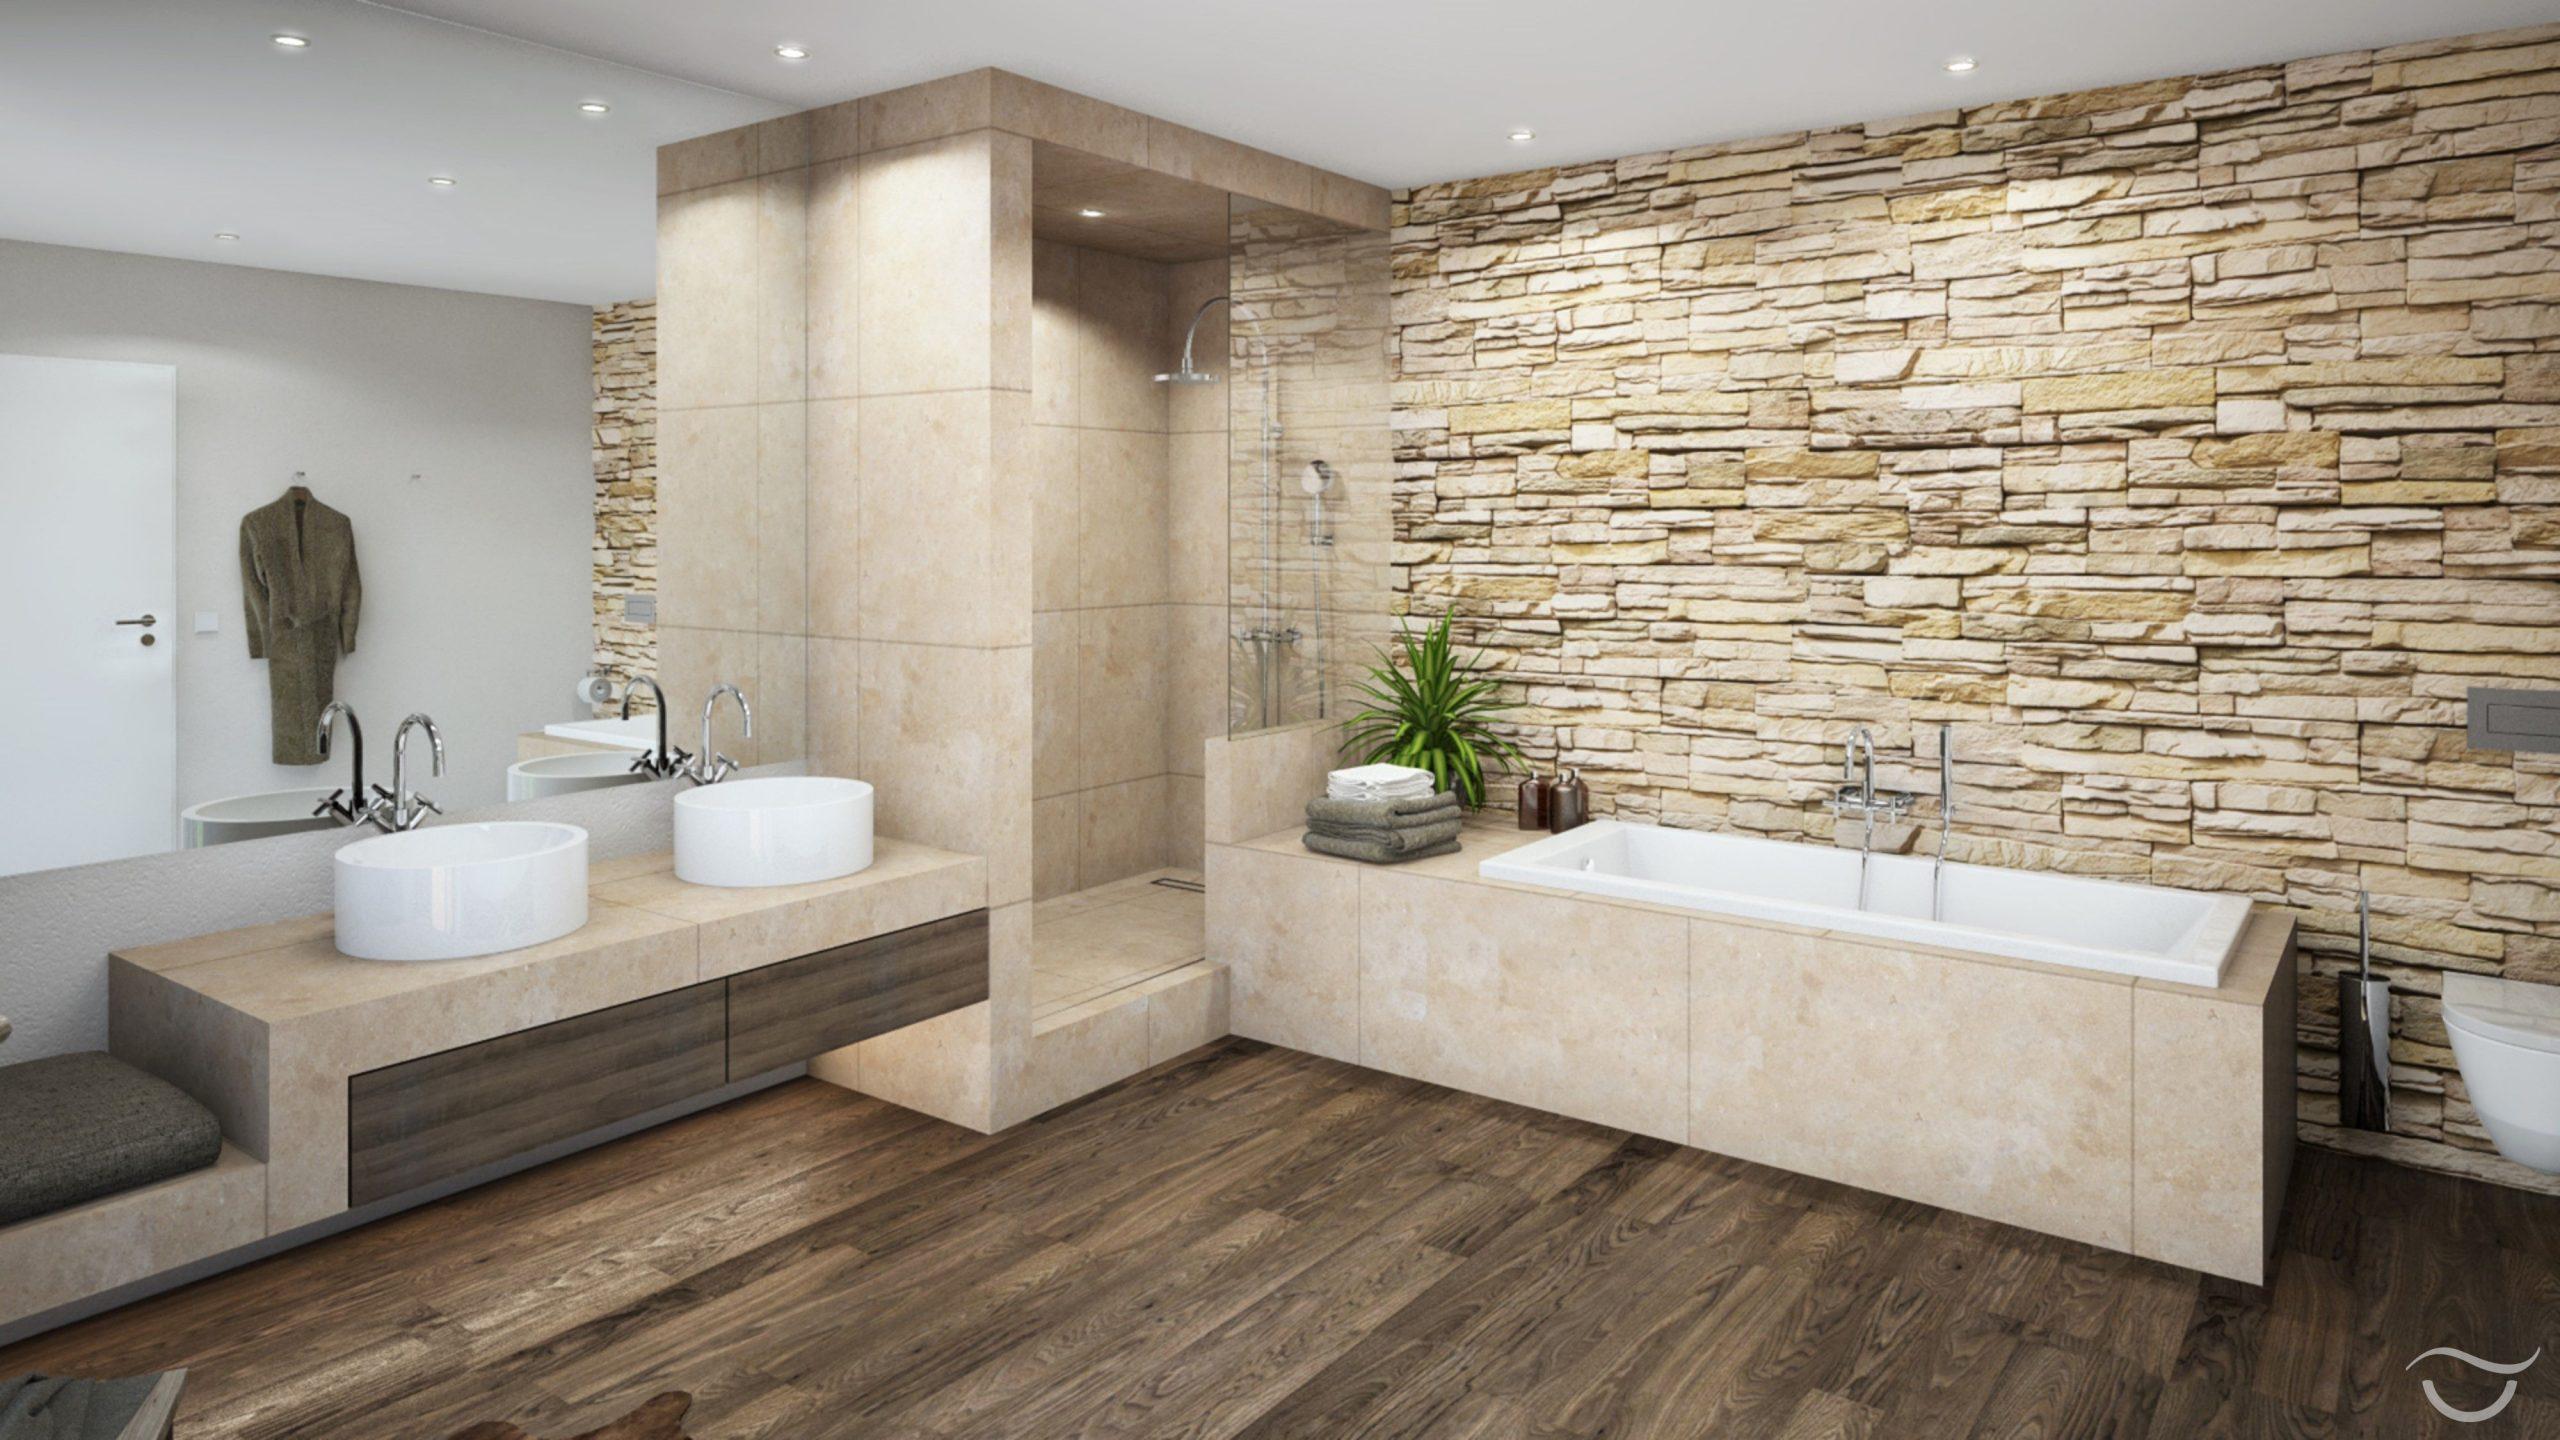 Natürliche Materialien wie Holz und Natursteine, sowie auch warme Farben erzeug…